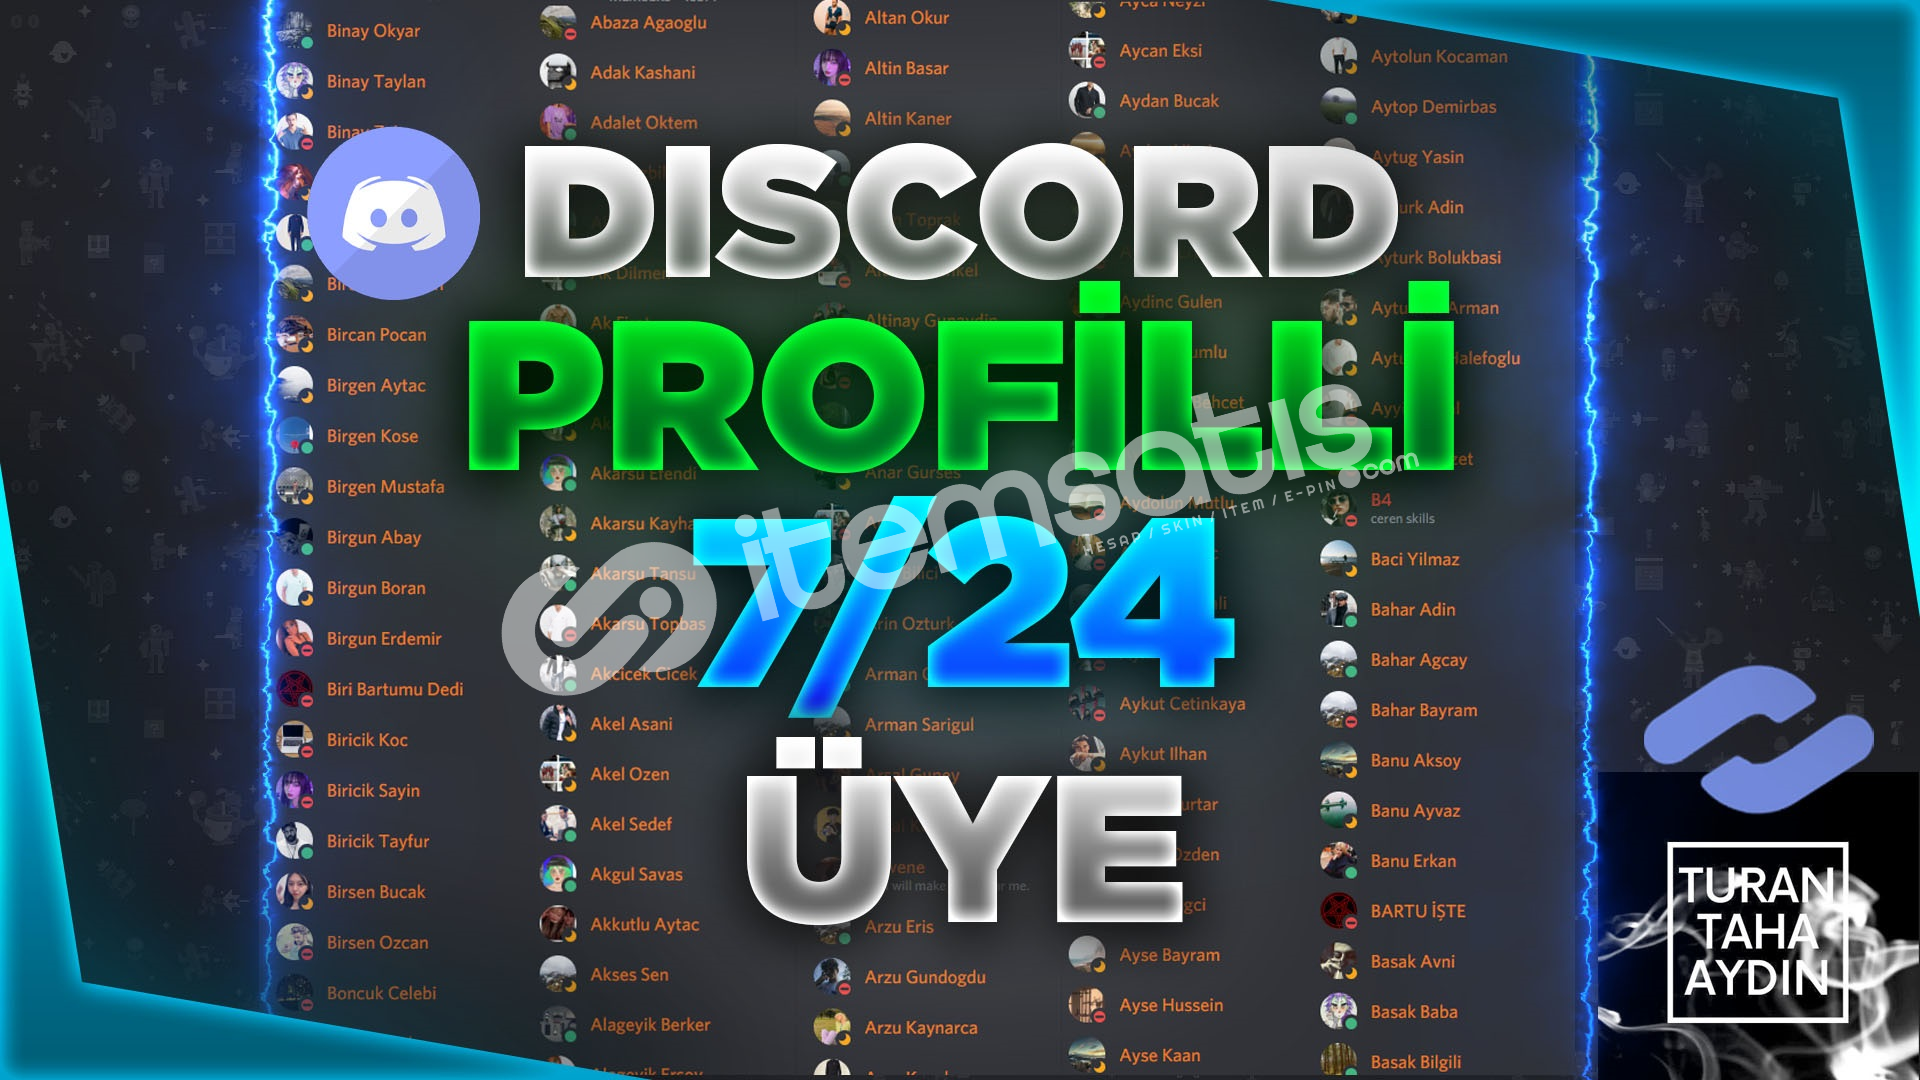 !Hepsi Profil Fotoğraflı Discord 100 Adet 7/24 Çevrimiçi Üye